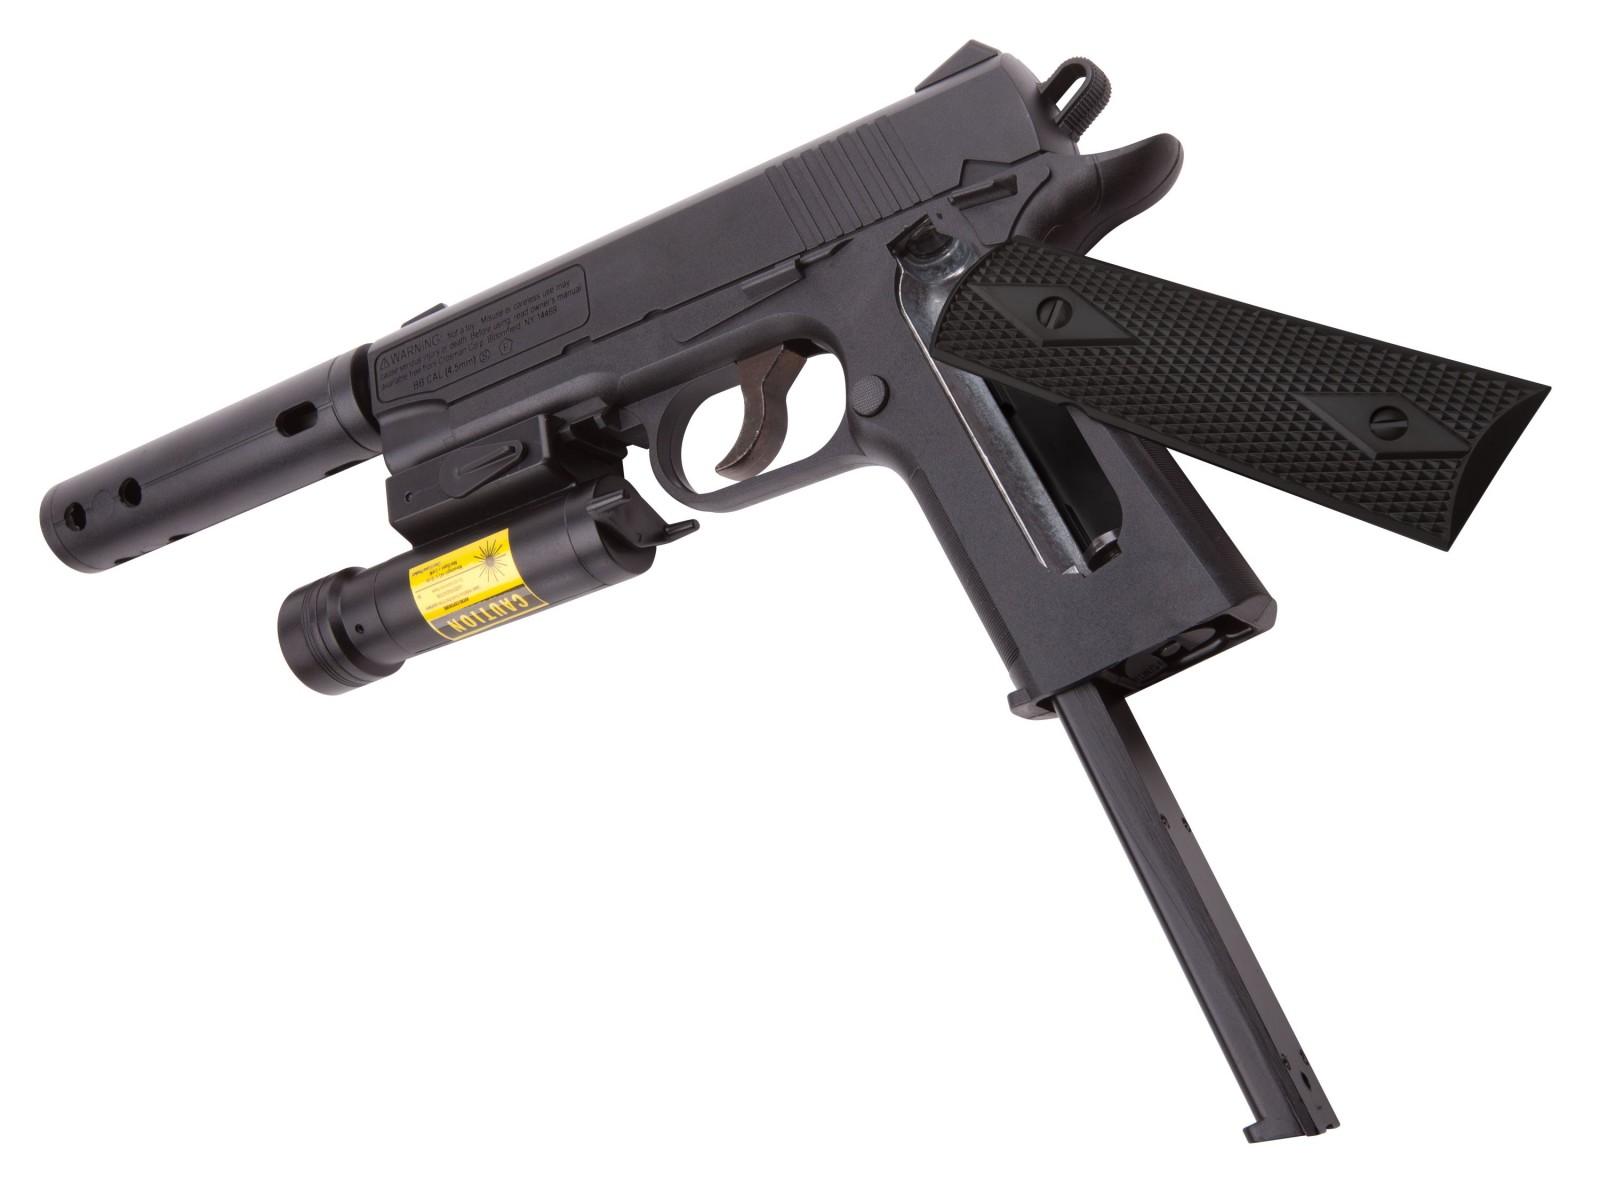 crosman tactical 1911 co2 bb pistol combo 0 177 cal incl laser   barrel ext ebay crosman 357 repair manual crosman 357 repair manual